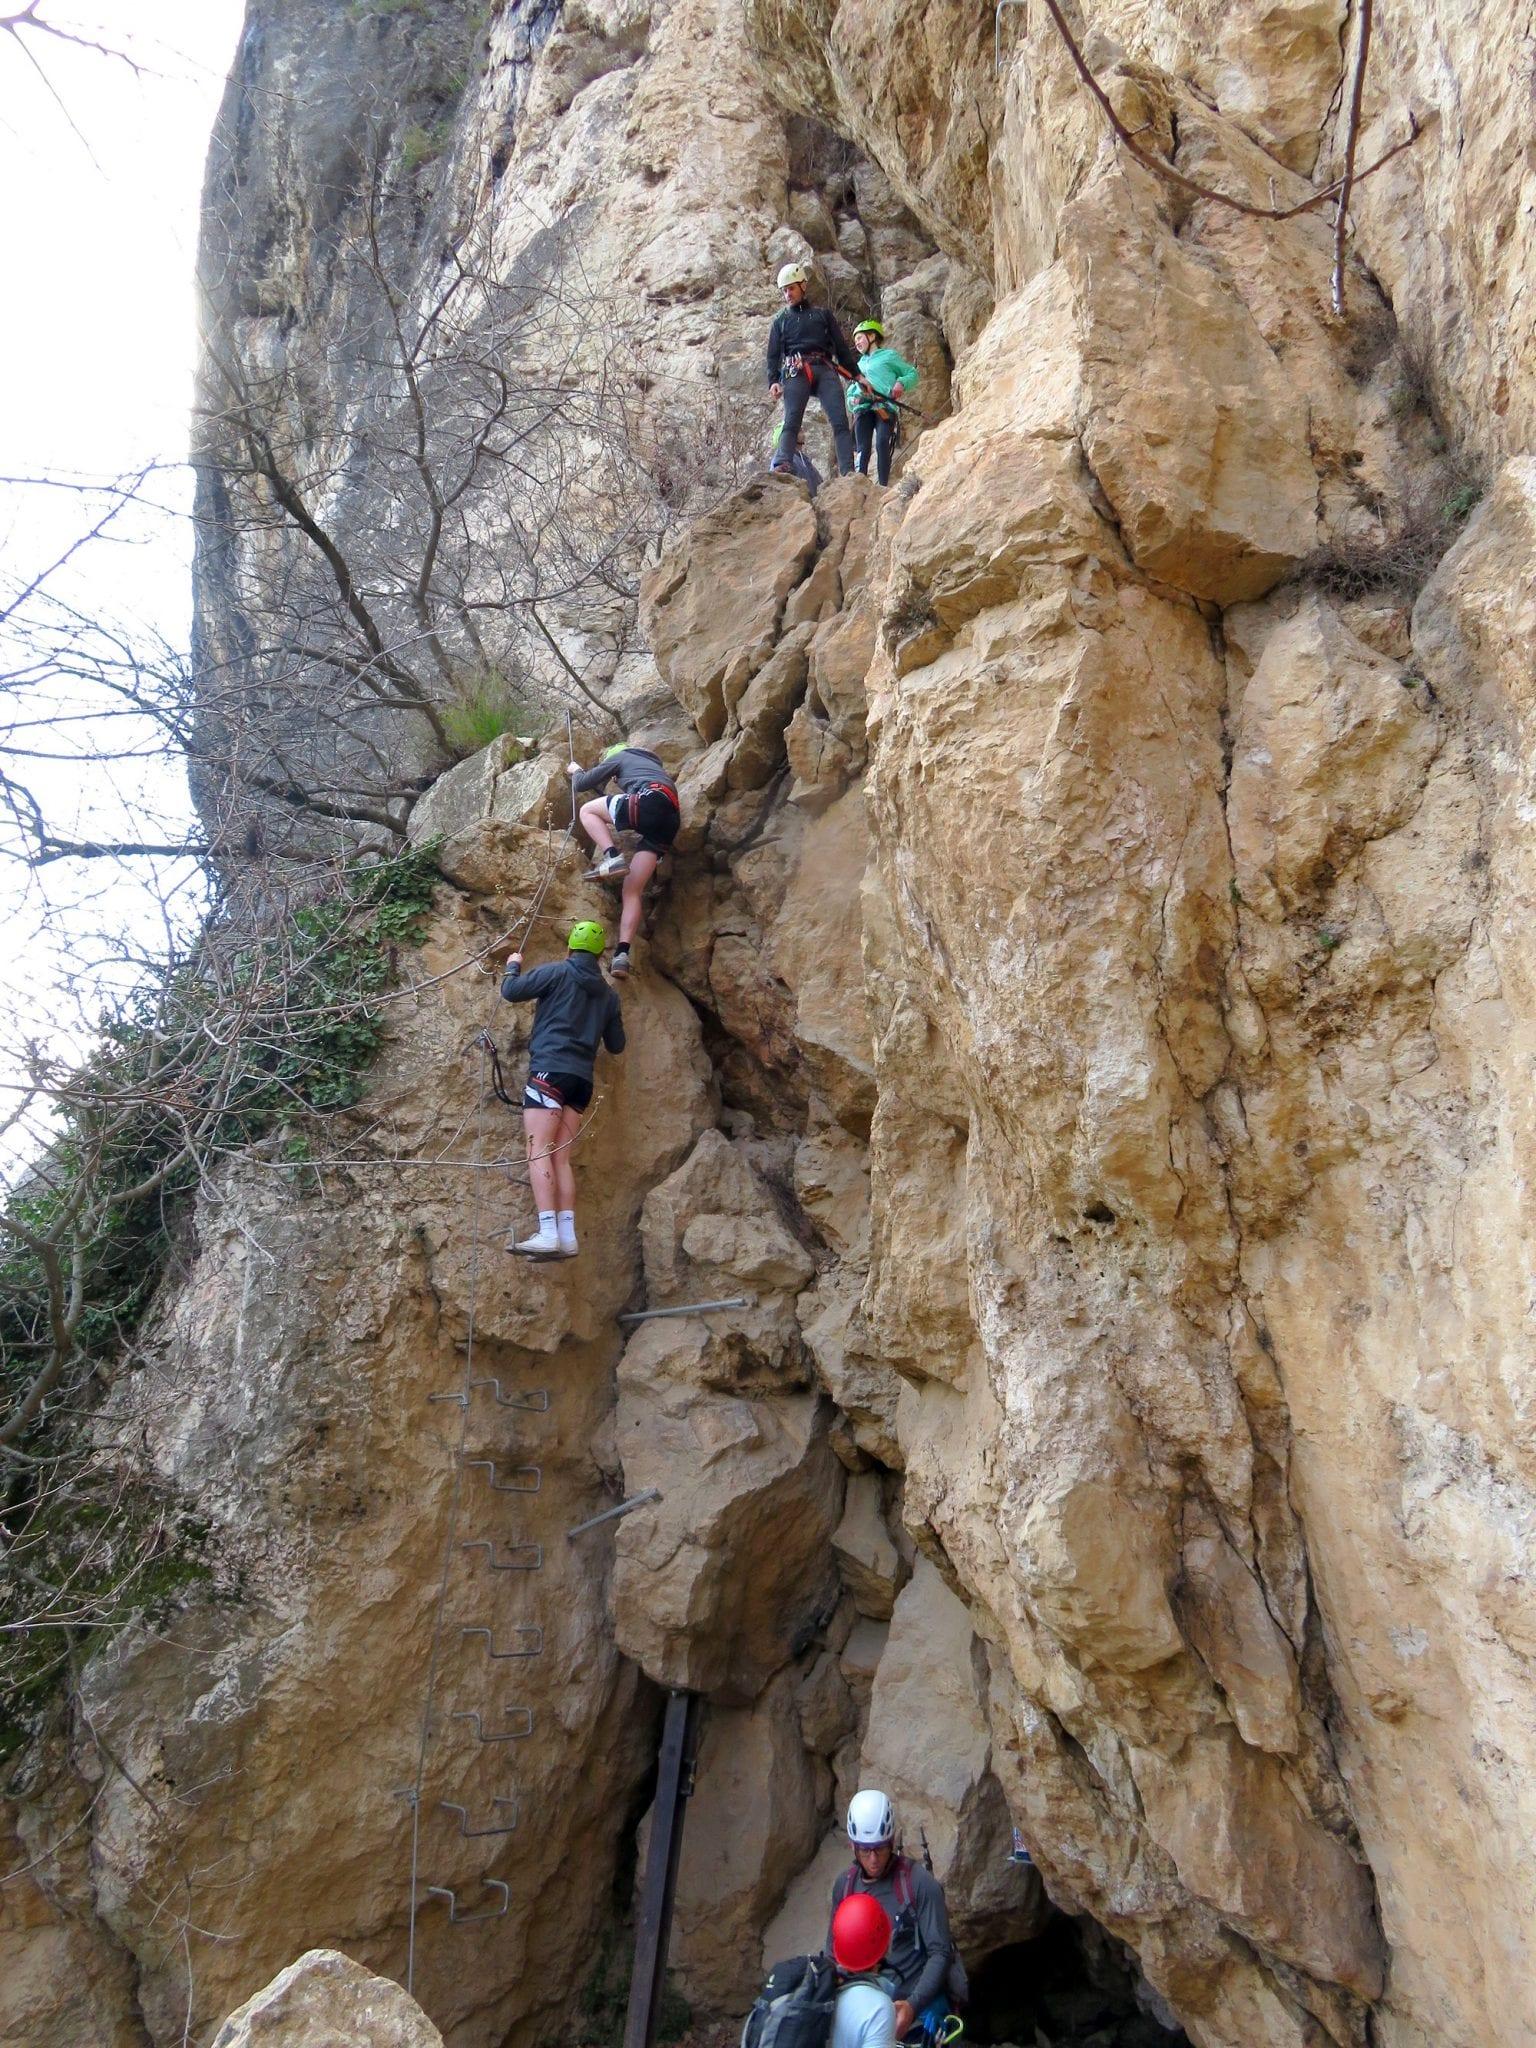 ויה פראטה Monte Albano - מסלול אתגרי - ערוצים בטבע